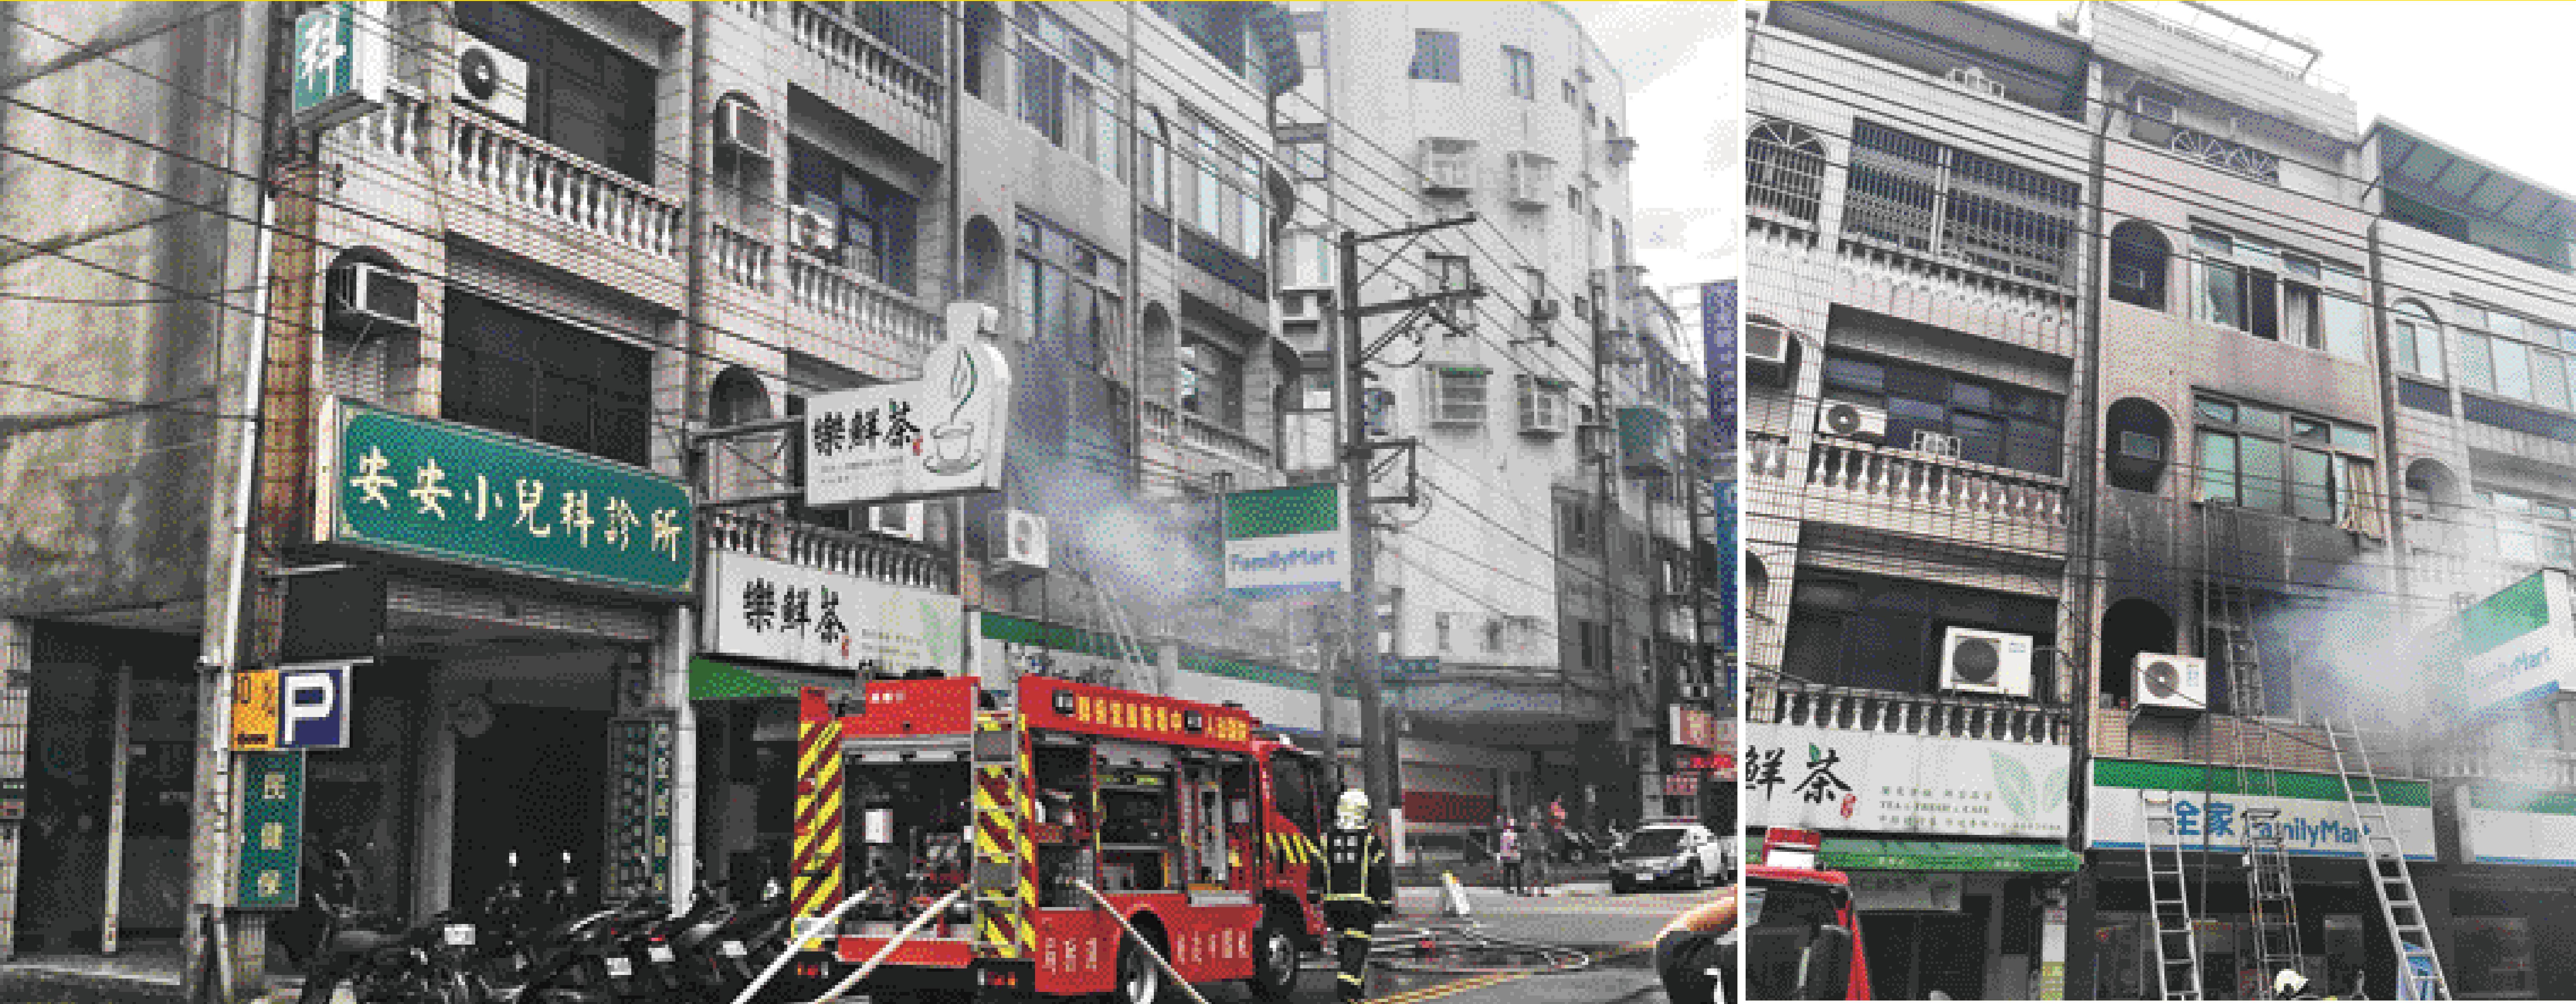 圖為桃園市中壢區一處民宅在9日發生火警,消防人員緊急前往灌救。中央社/網上圖片